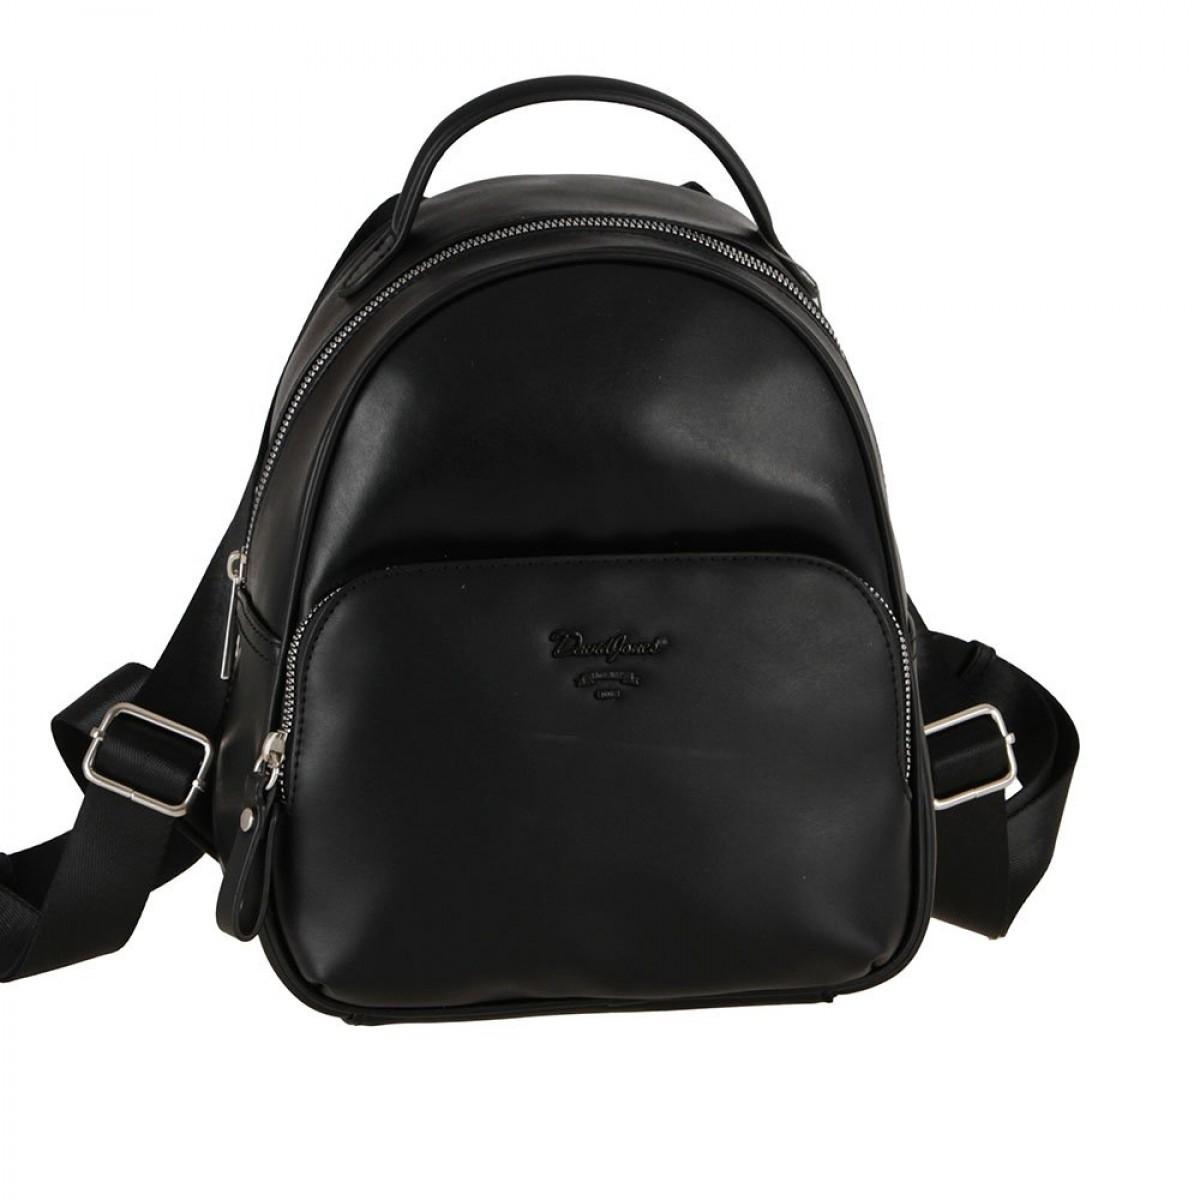 Жіночий рюкзак David Jones 6513-3A BLACK